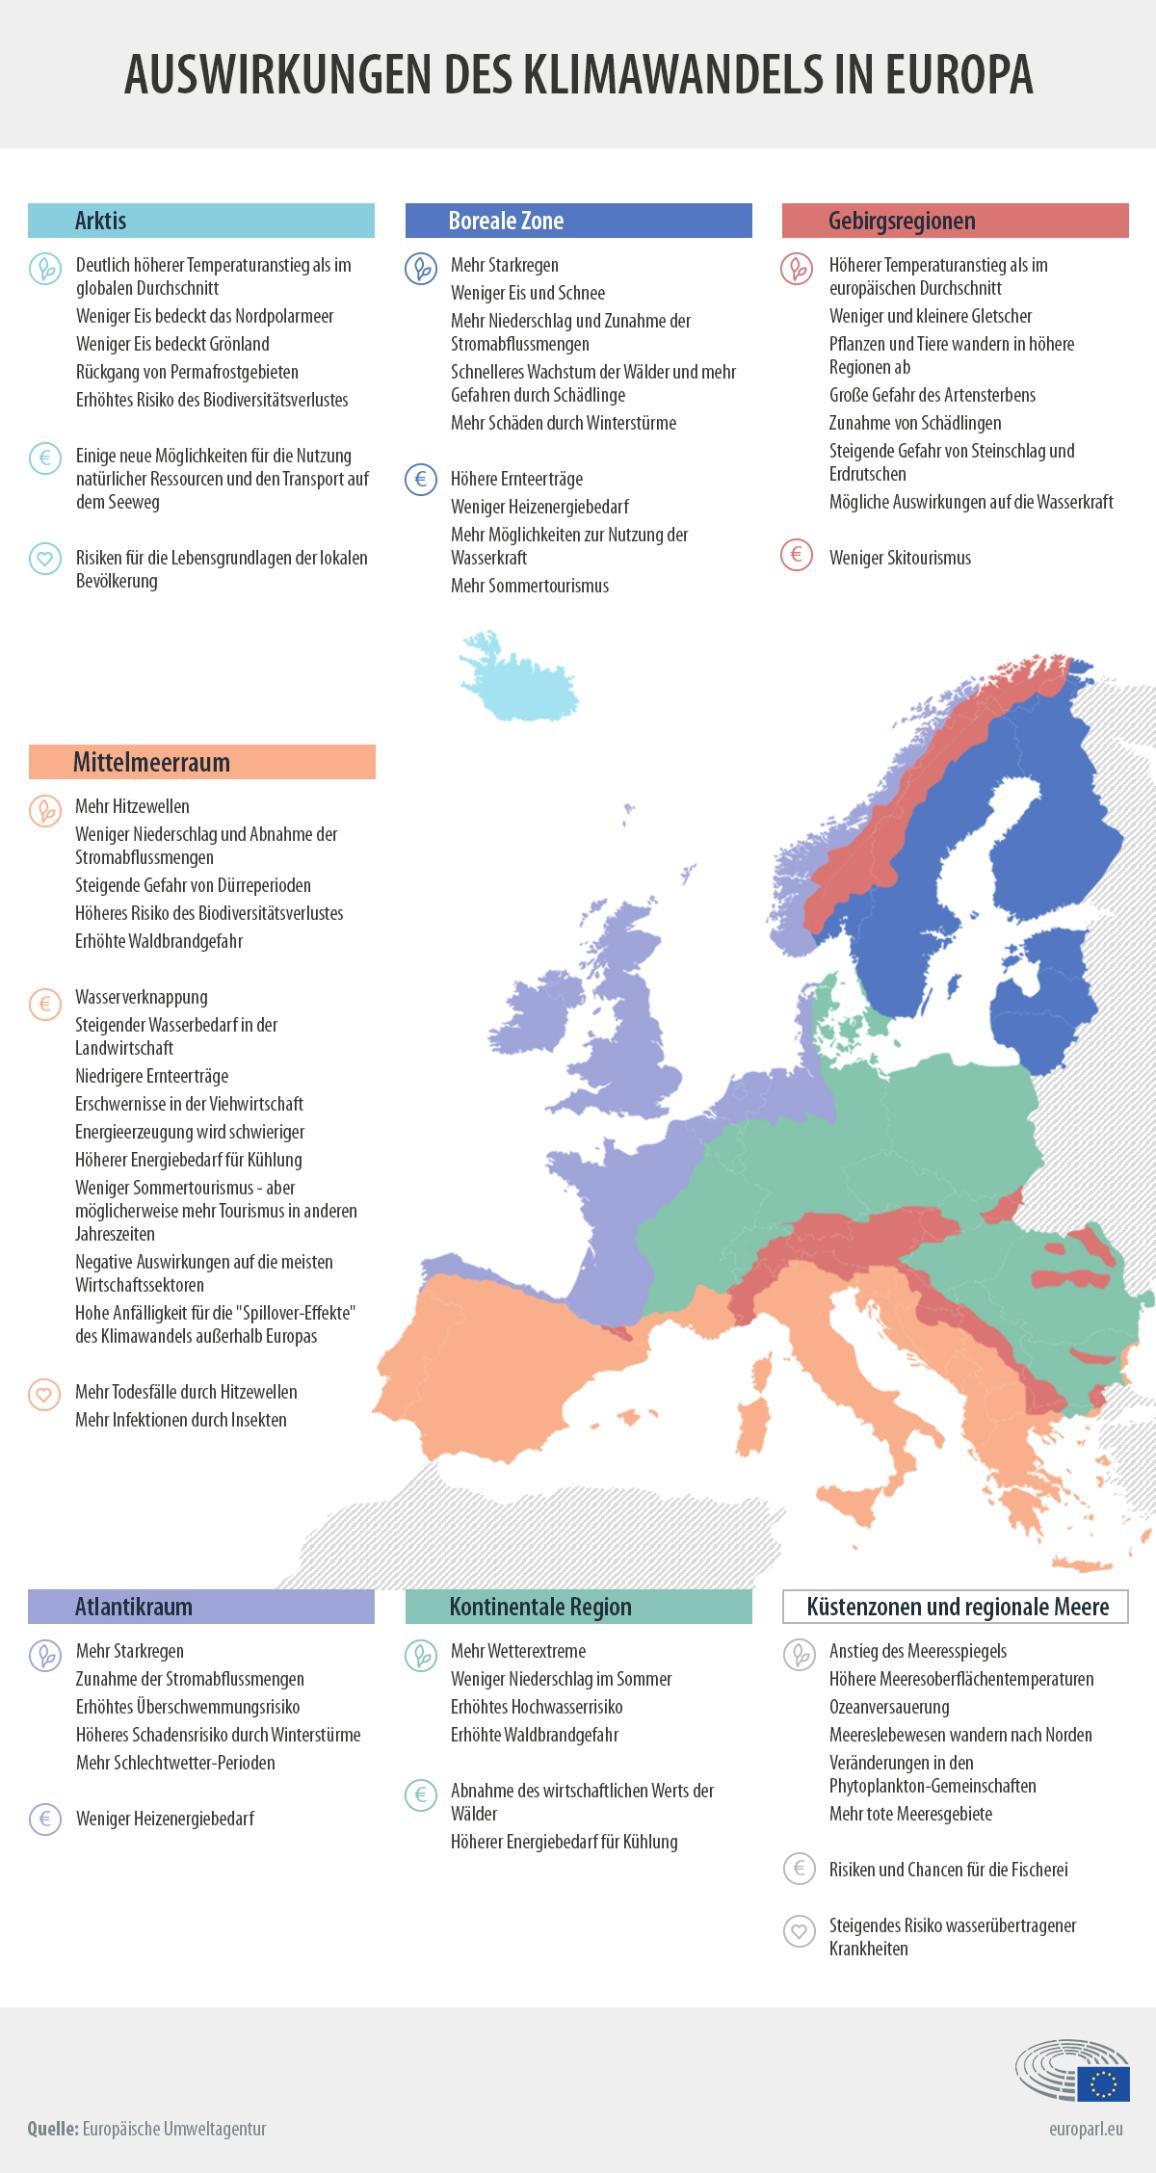 Die Infografik zeigt die Auswirkungen des Klimawandels auf die verschiedenen Regionen Europas